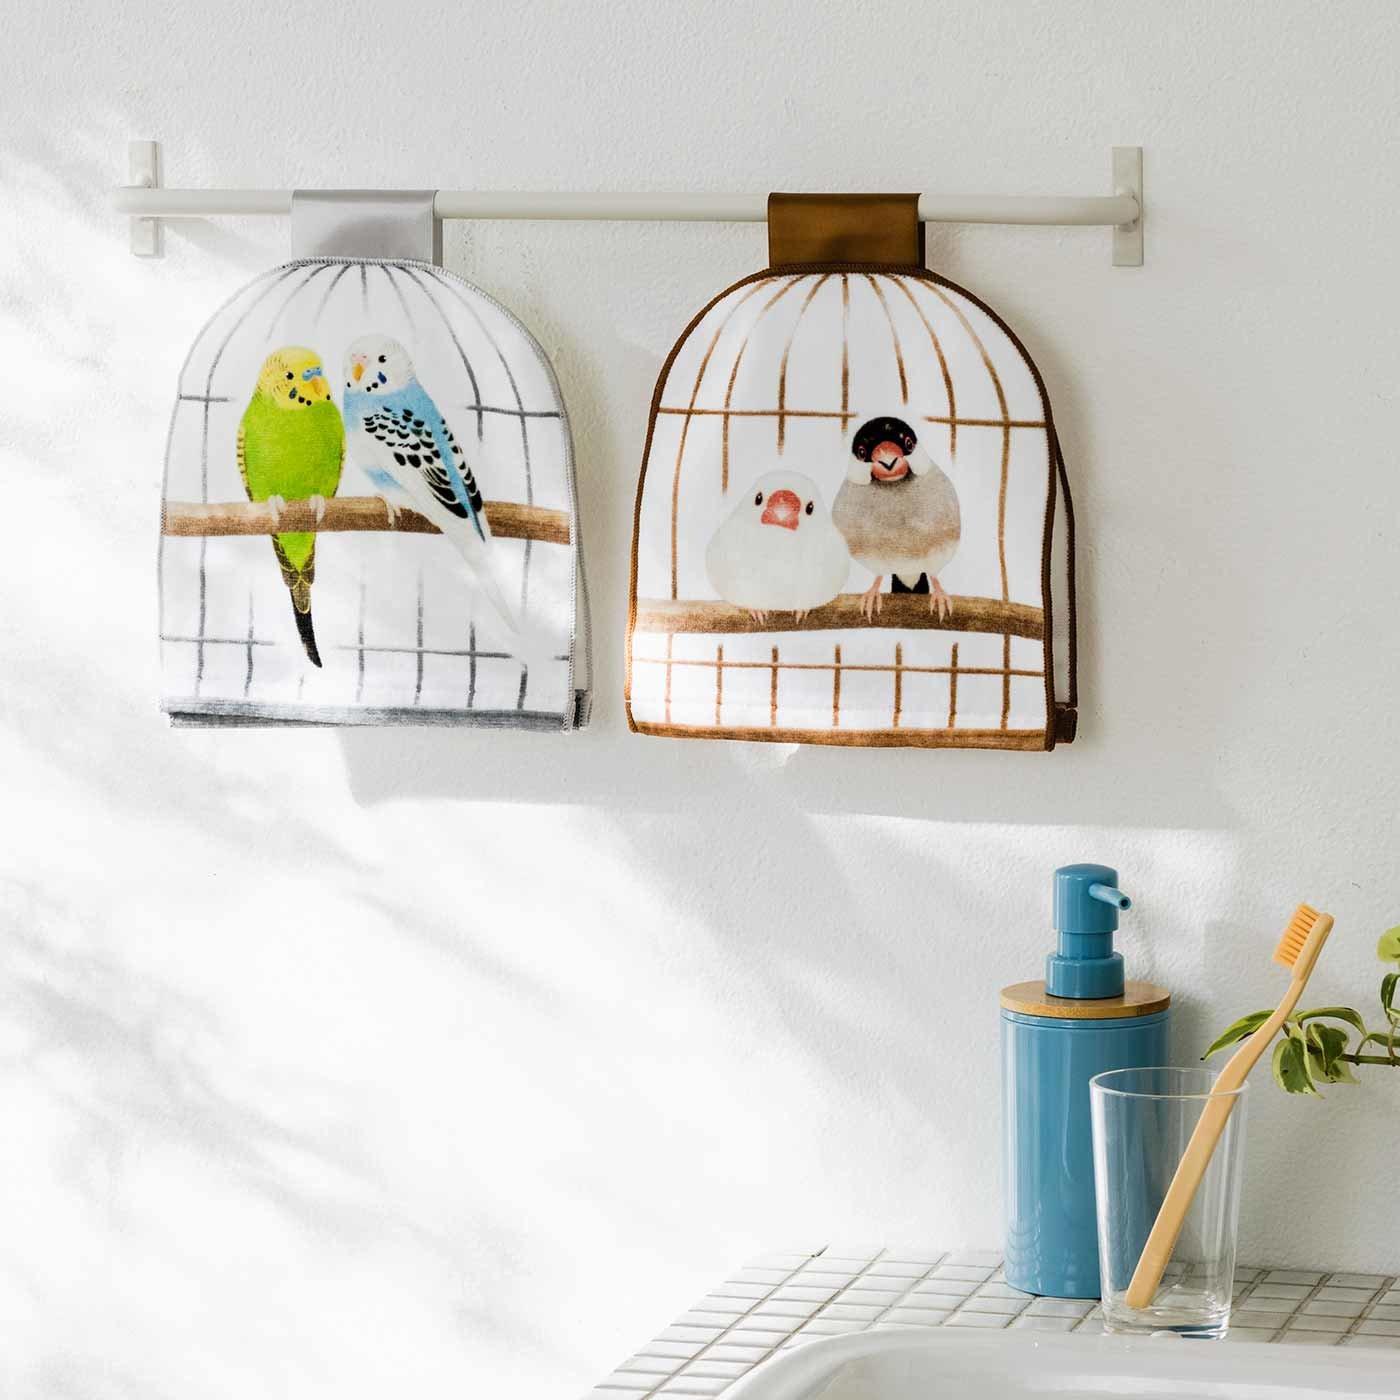 YOU+MORE !×小鳥部 仲むつまじい小鳥と暮らす 鳥かごのフェイスタオルの会